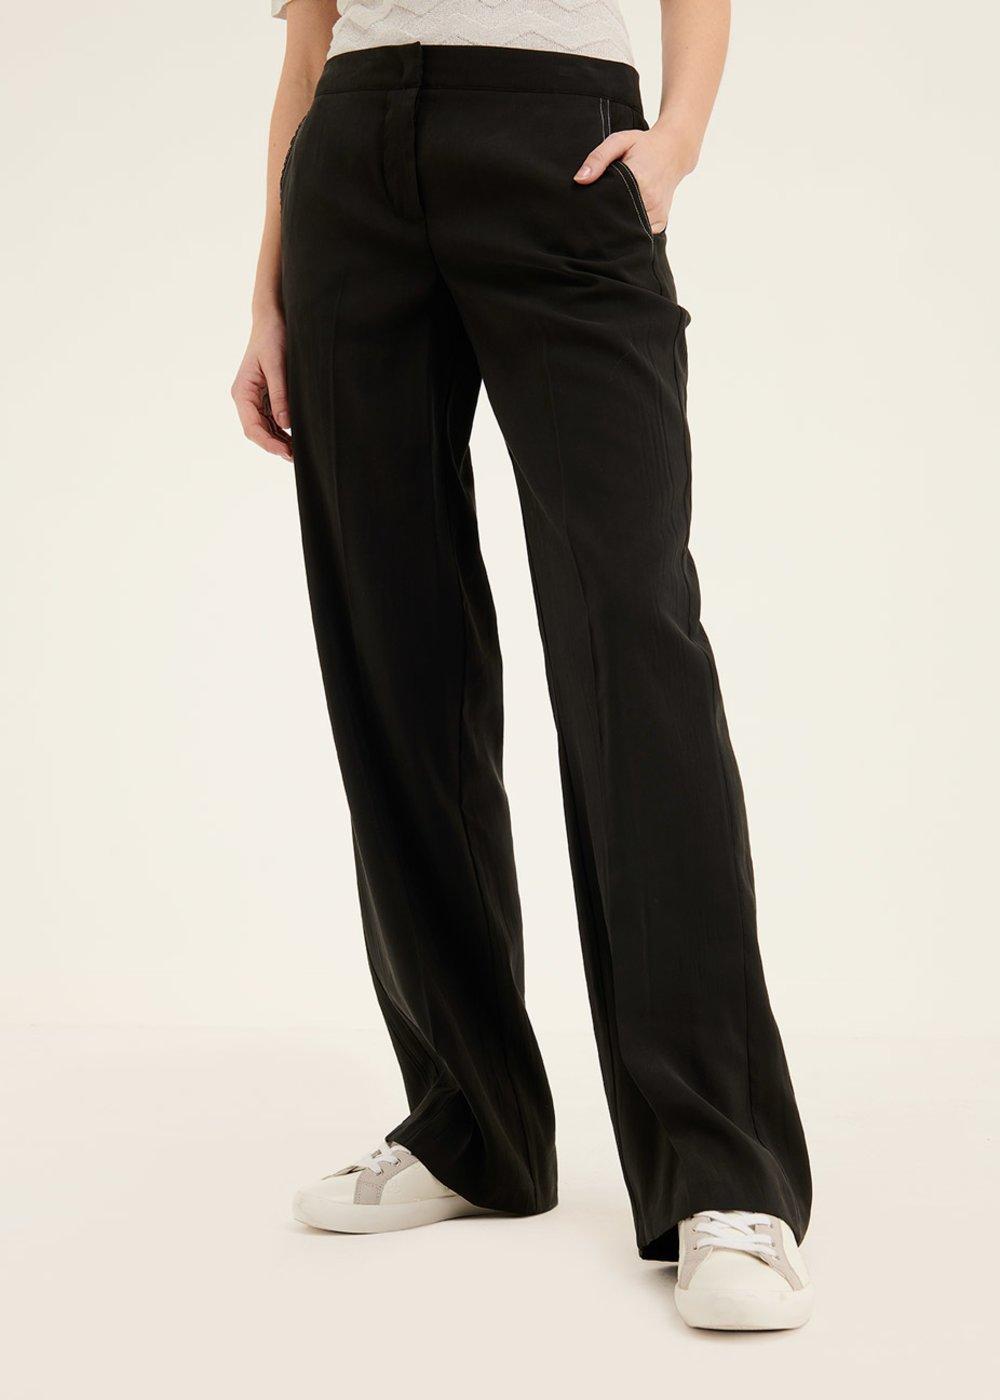 Paride peach skin effect trousers - Black - Woman